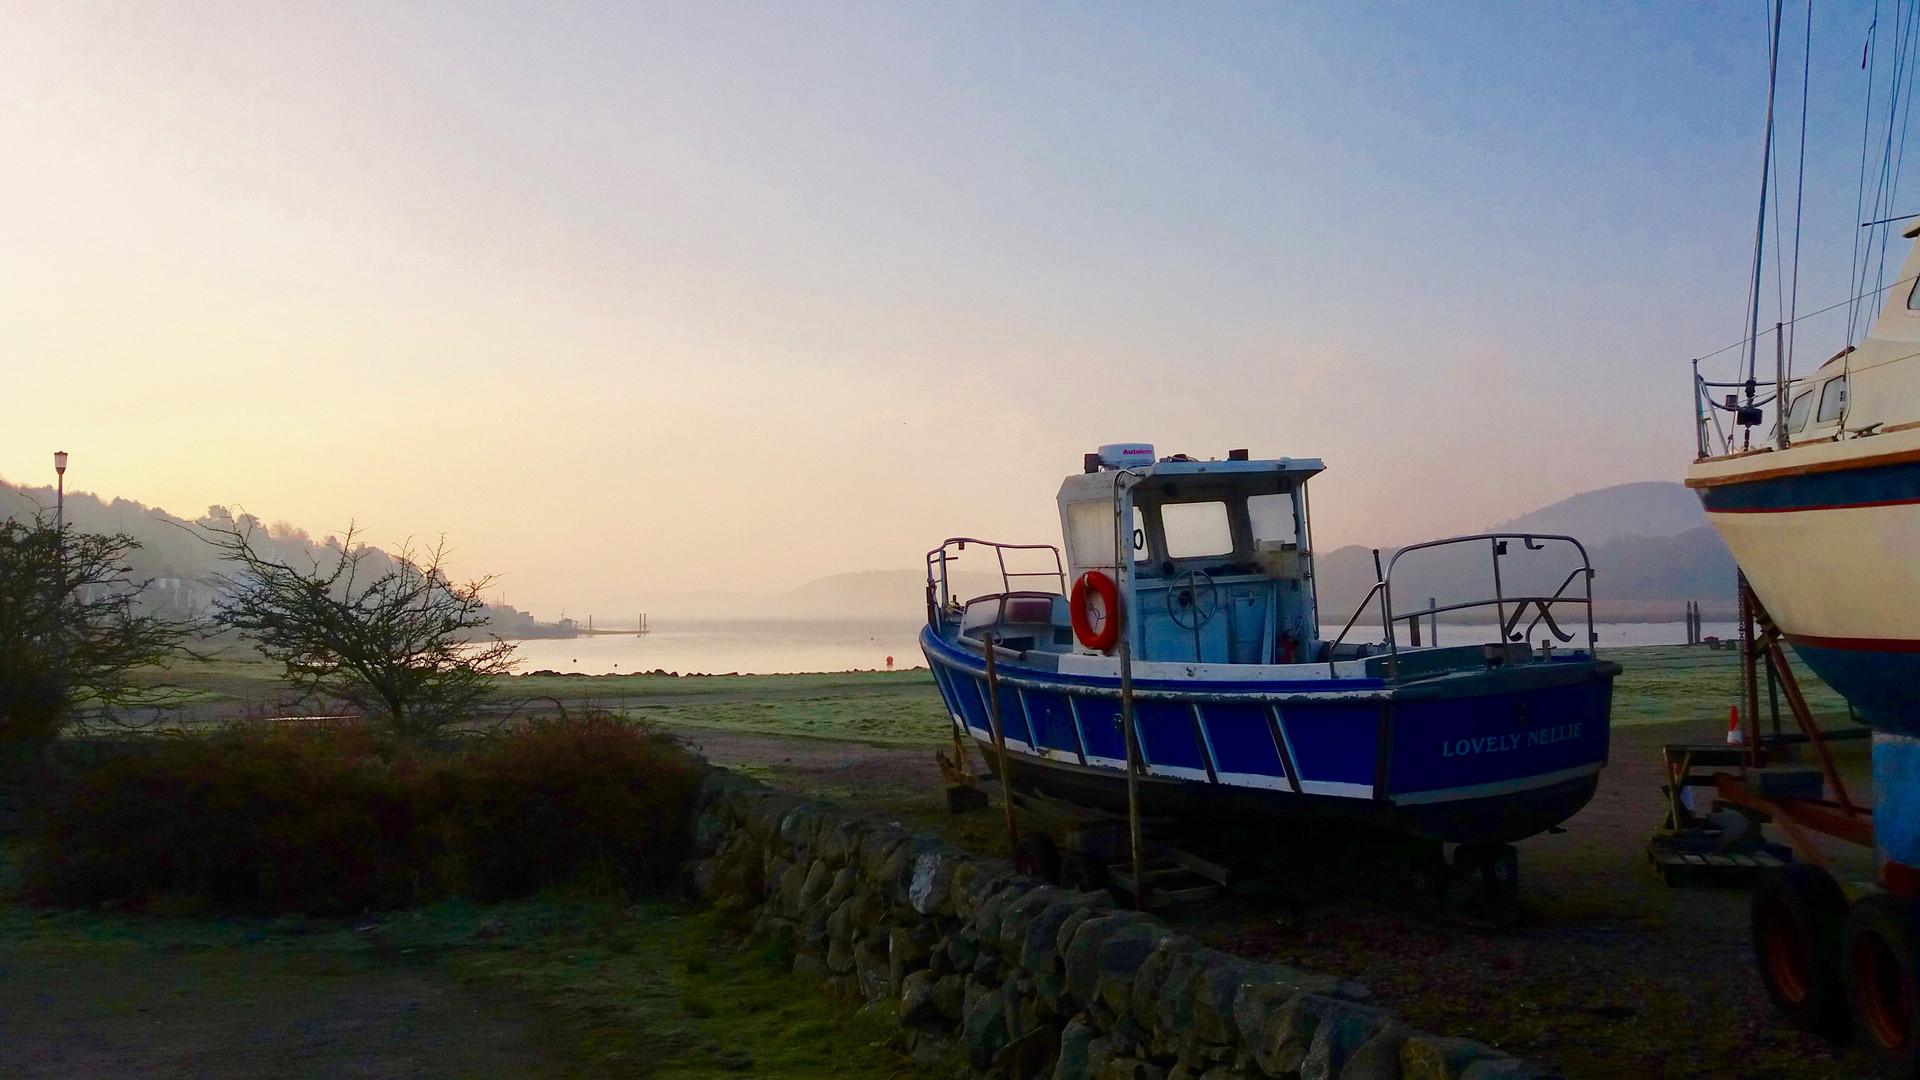 Kippford Boat in January